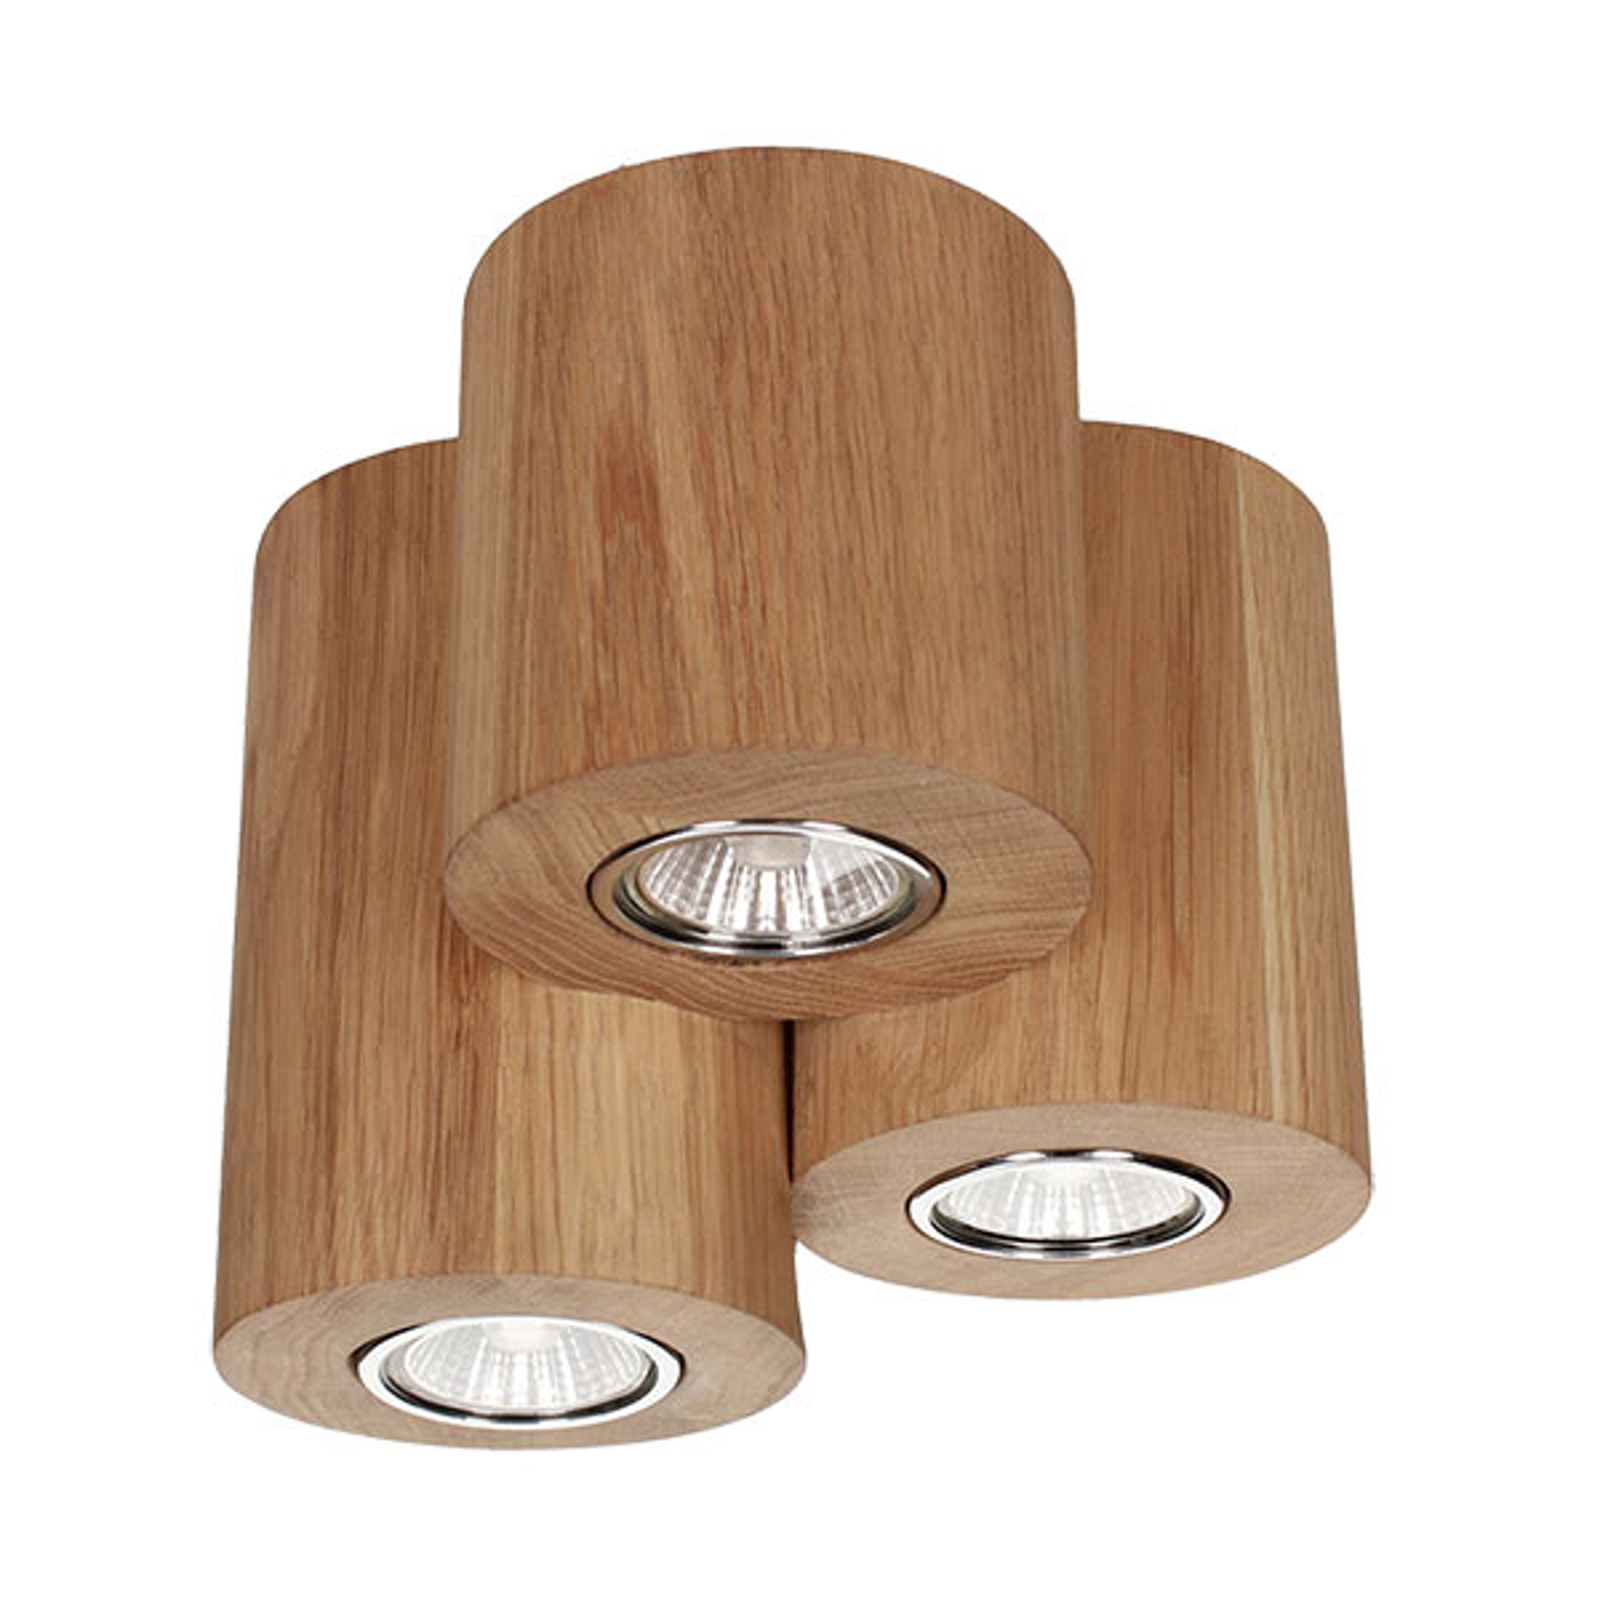 Wooddream taklampe, 3 lyskilder eik, rund